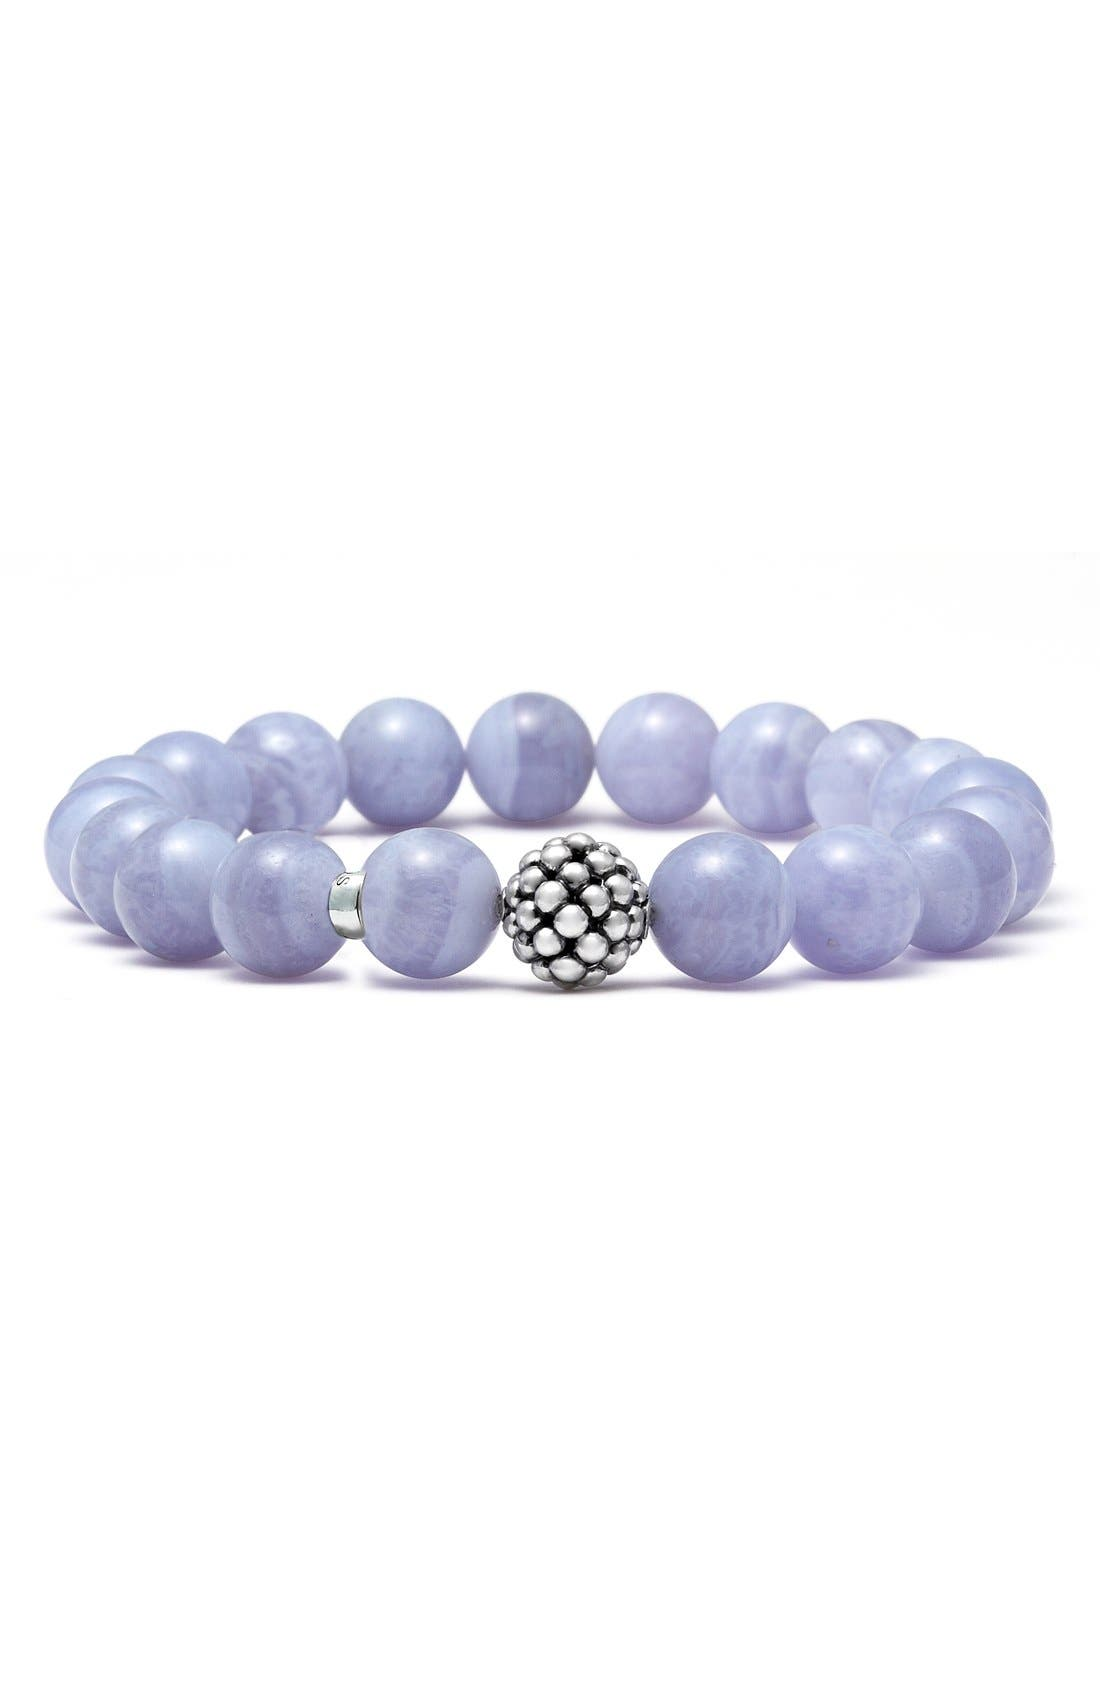 Bead Stretch Bracelet,                         Main,                         color, BLUE LACE AGATE